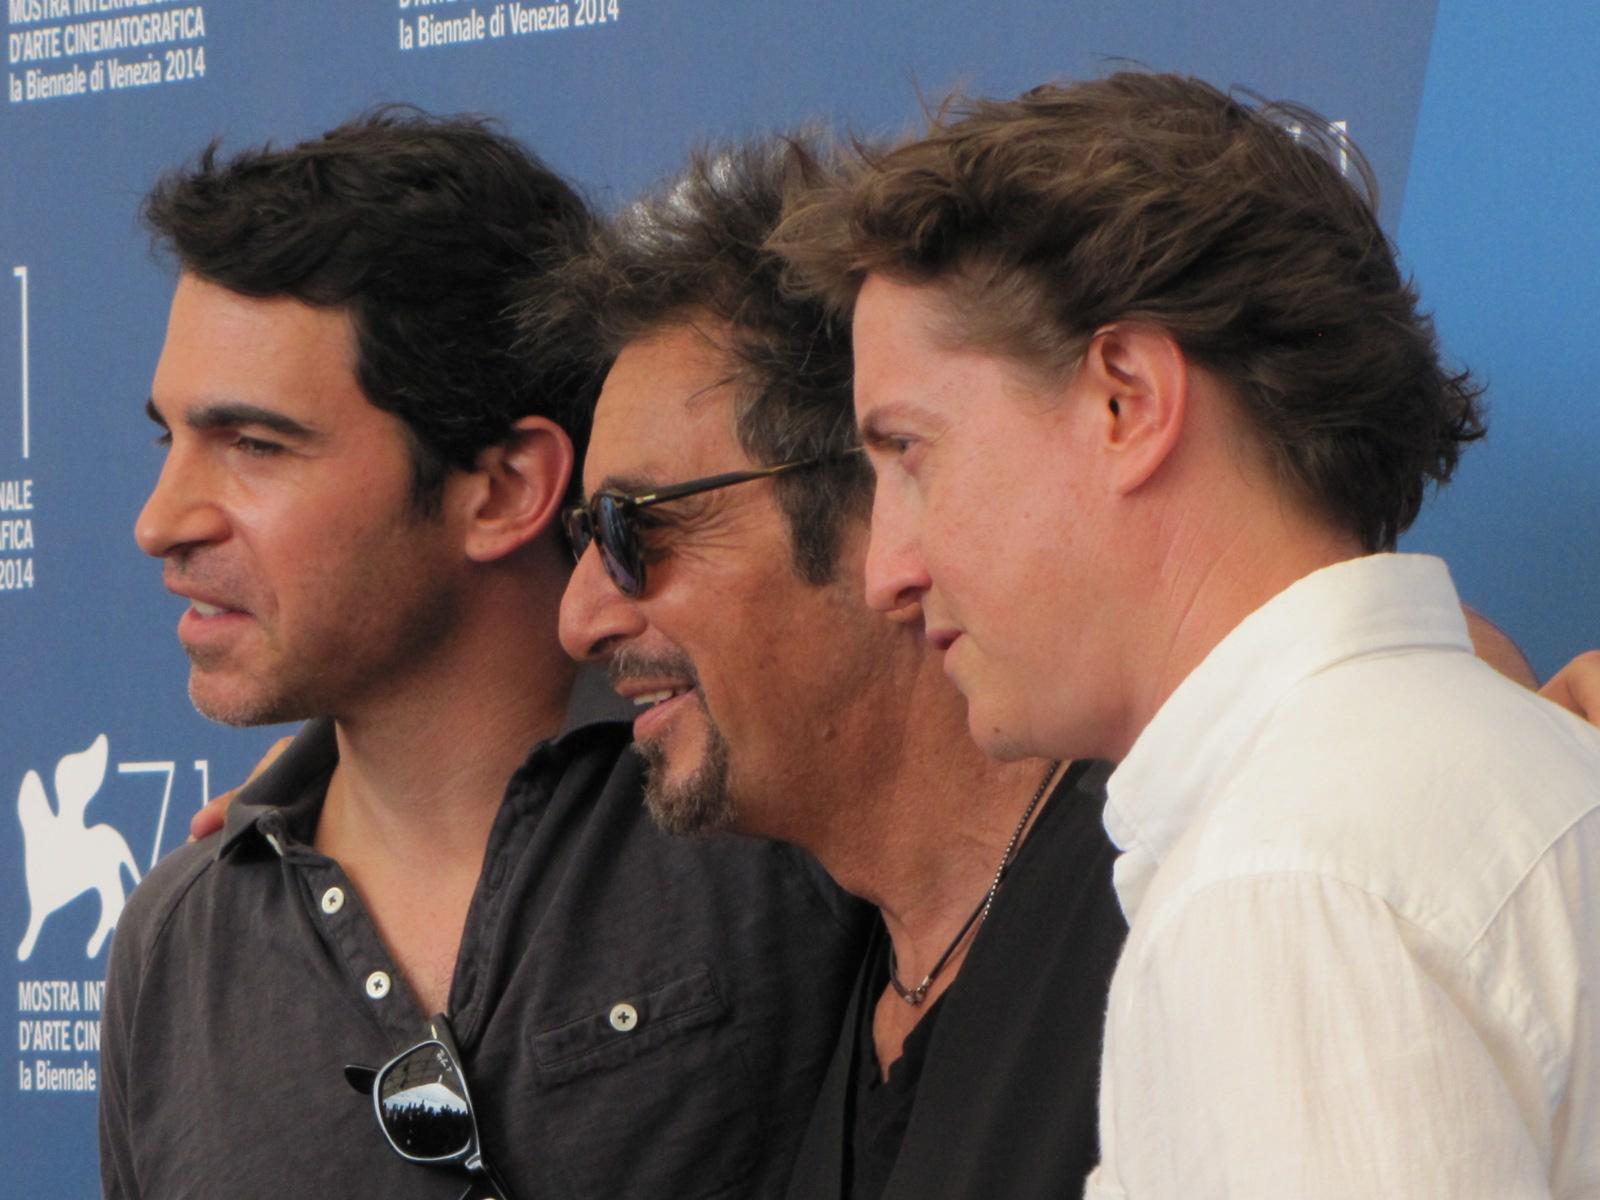 Manglehorn a Venezia 2014 - Pacino con David Gordon Green e Chris Messina